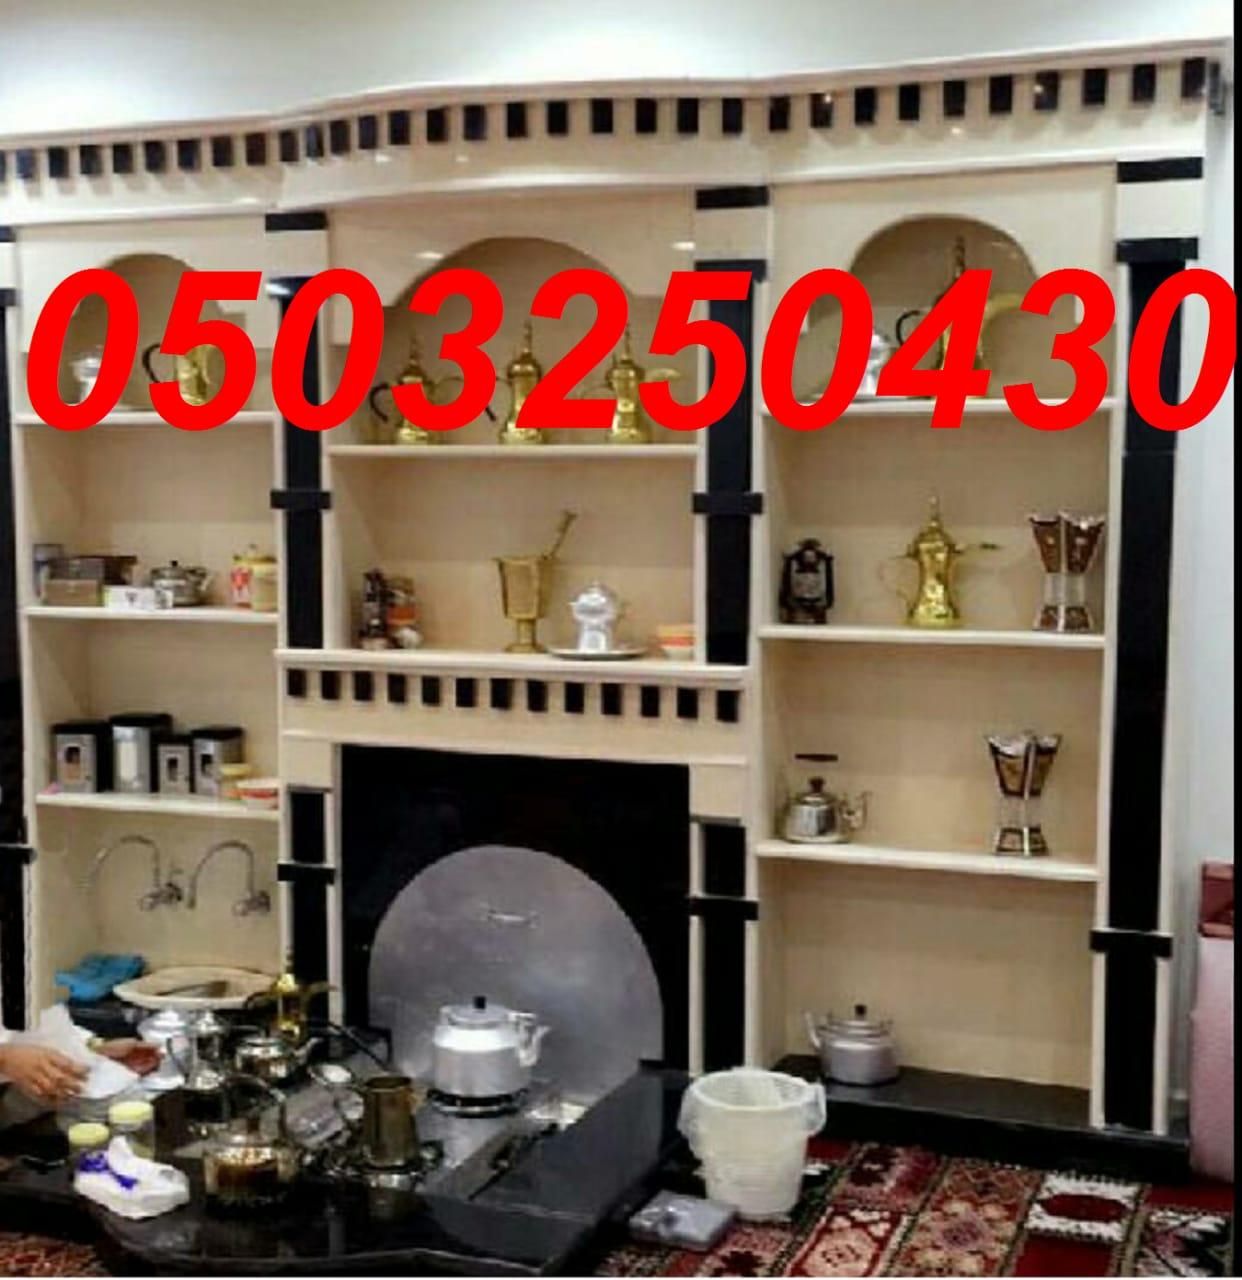 مشبات رخام جديدة  , صور مشبات ، صور مشبات ، صور مشبات ،,  صور مشبات ، ديكورات مشبات ، 0503250430  P_1785qrvbu2